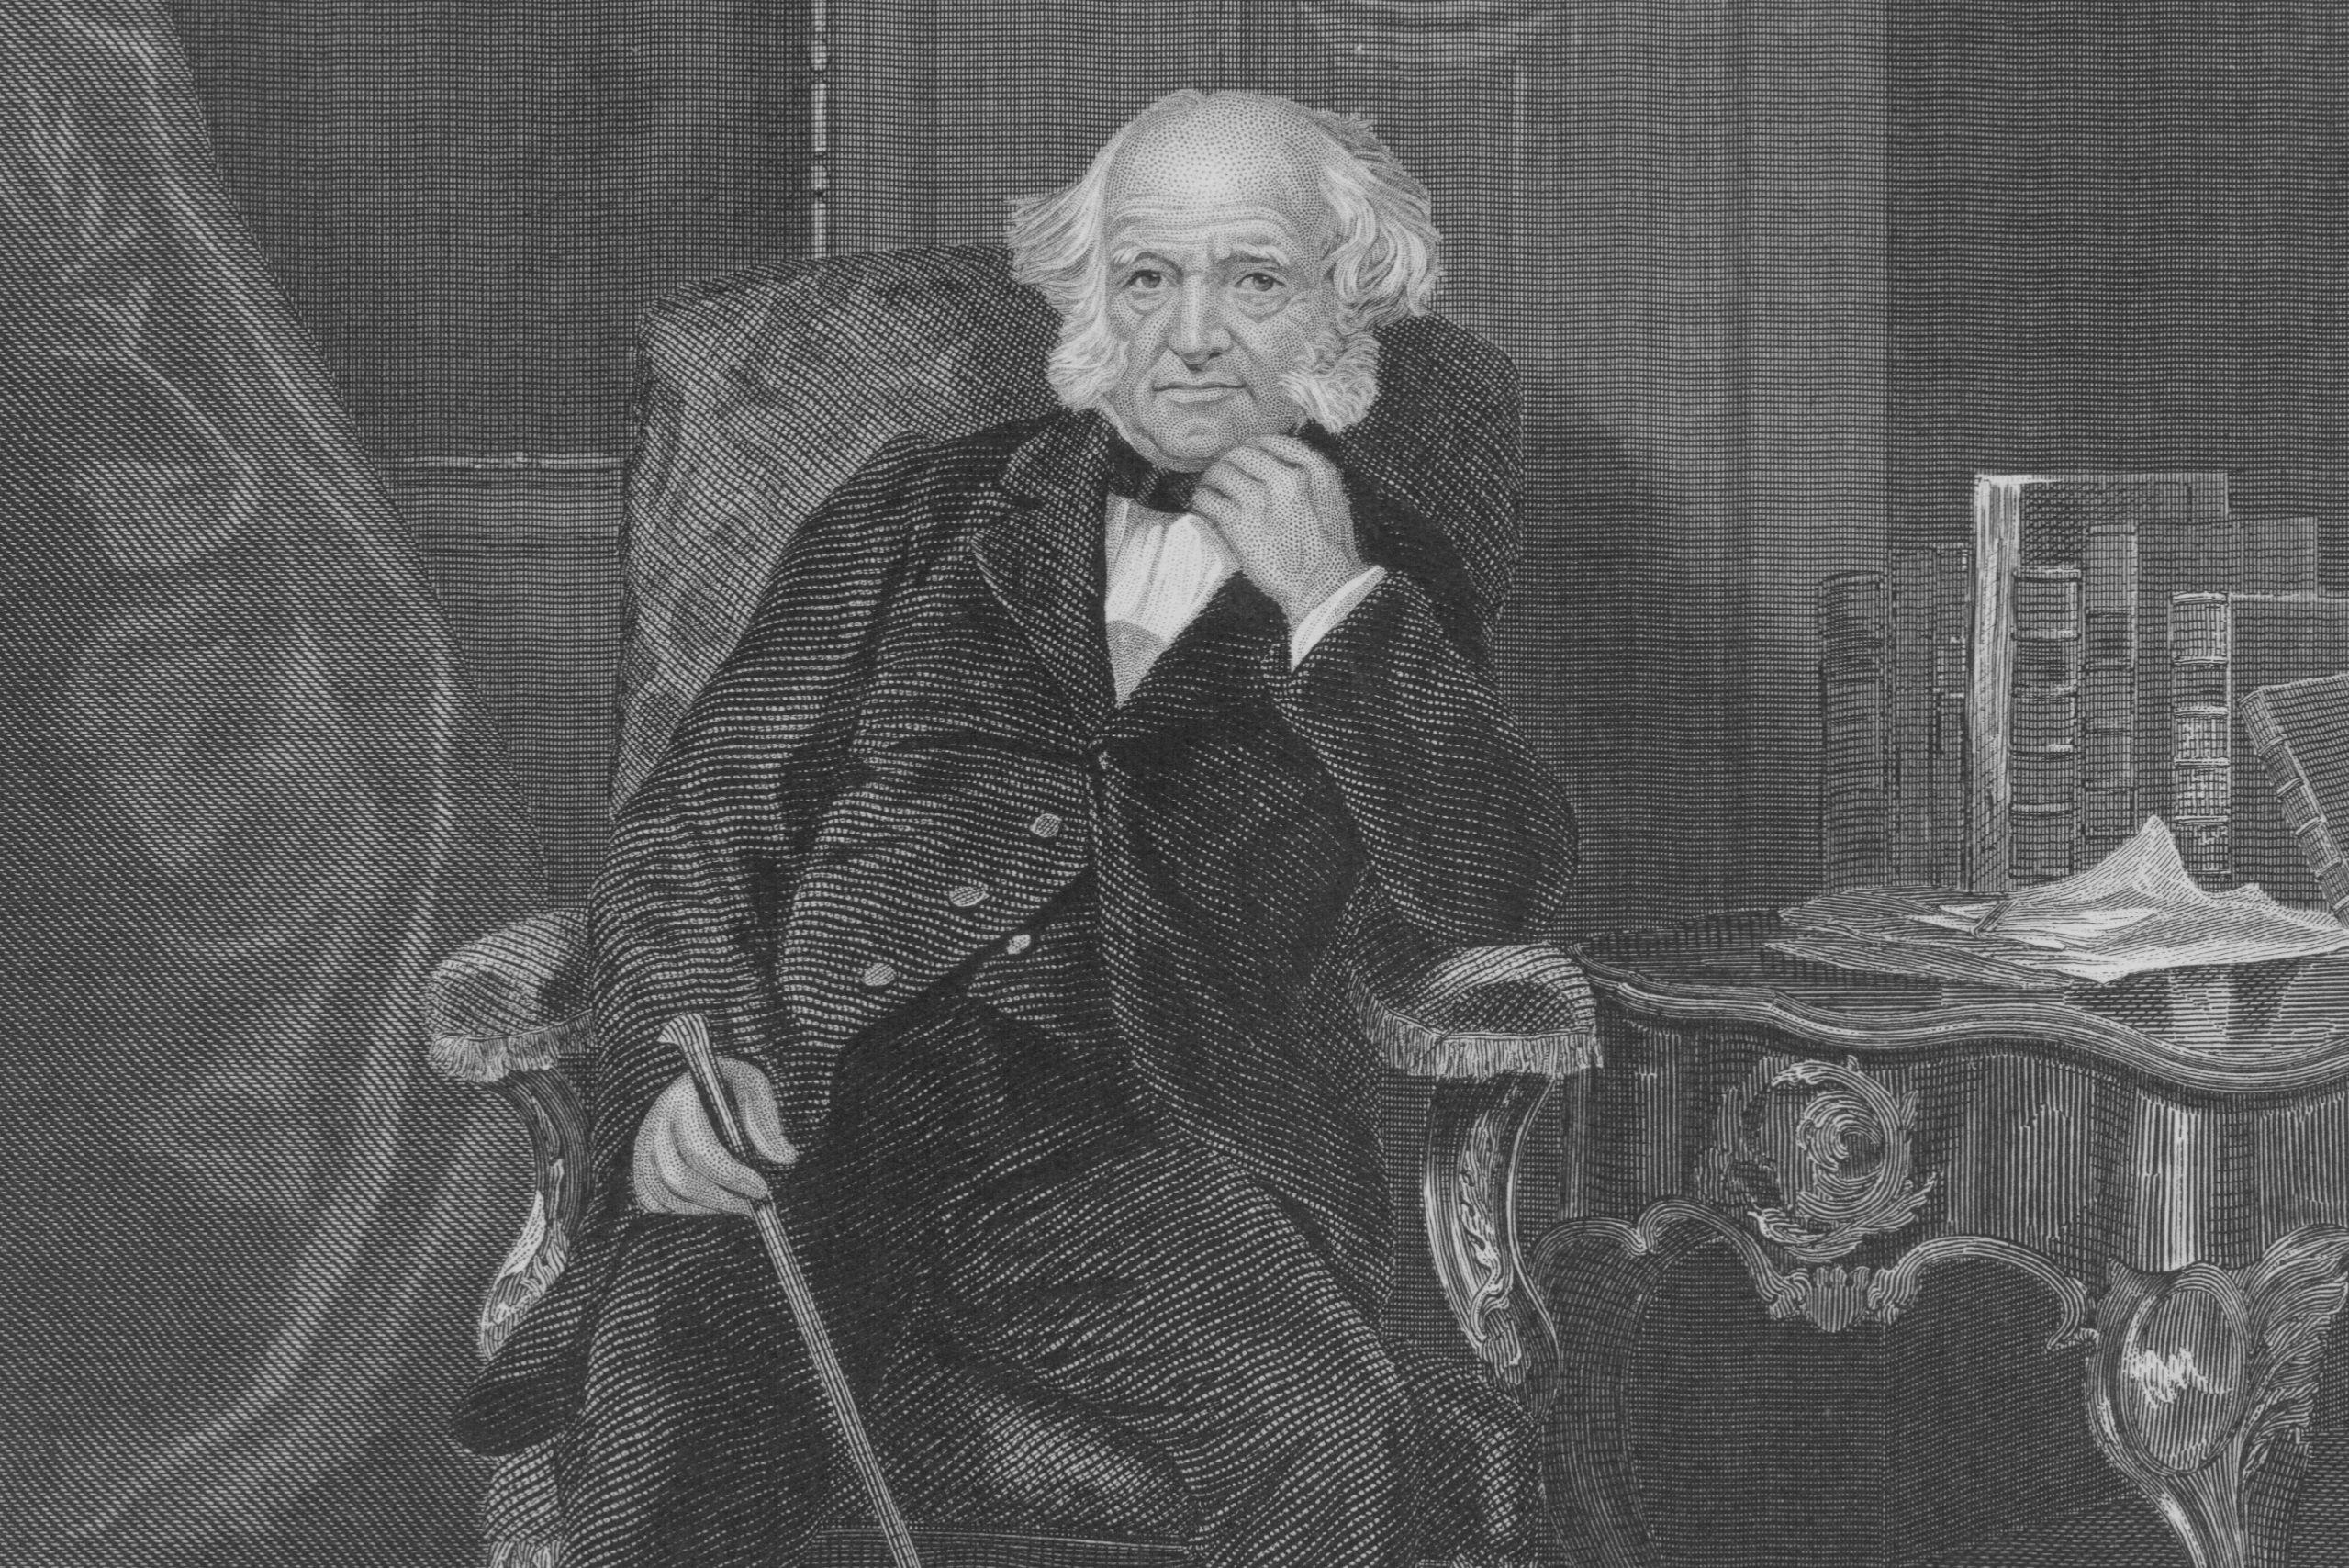 Engraved portrait of elderly Martin Van Buren